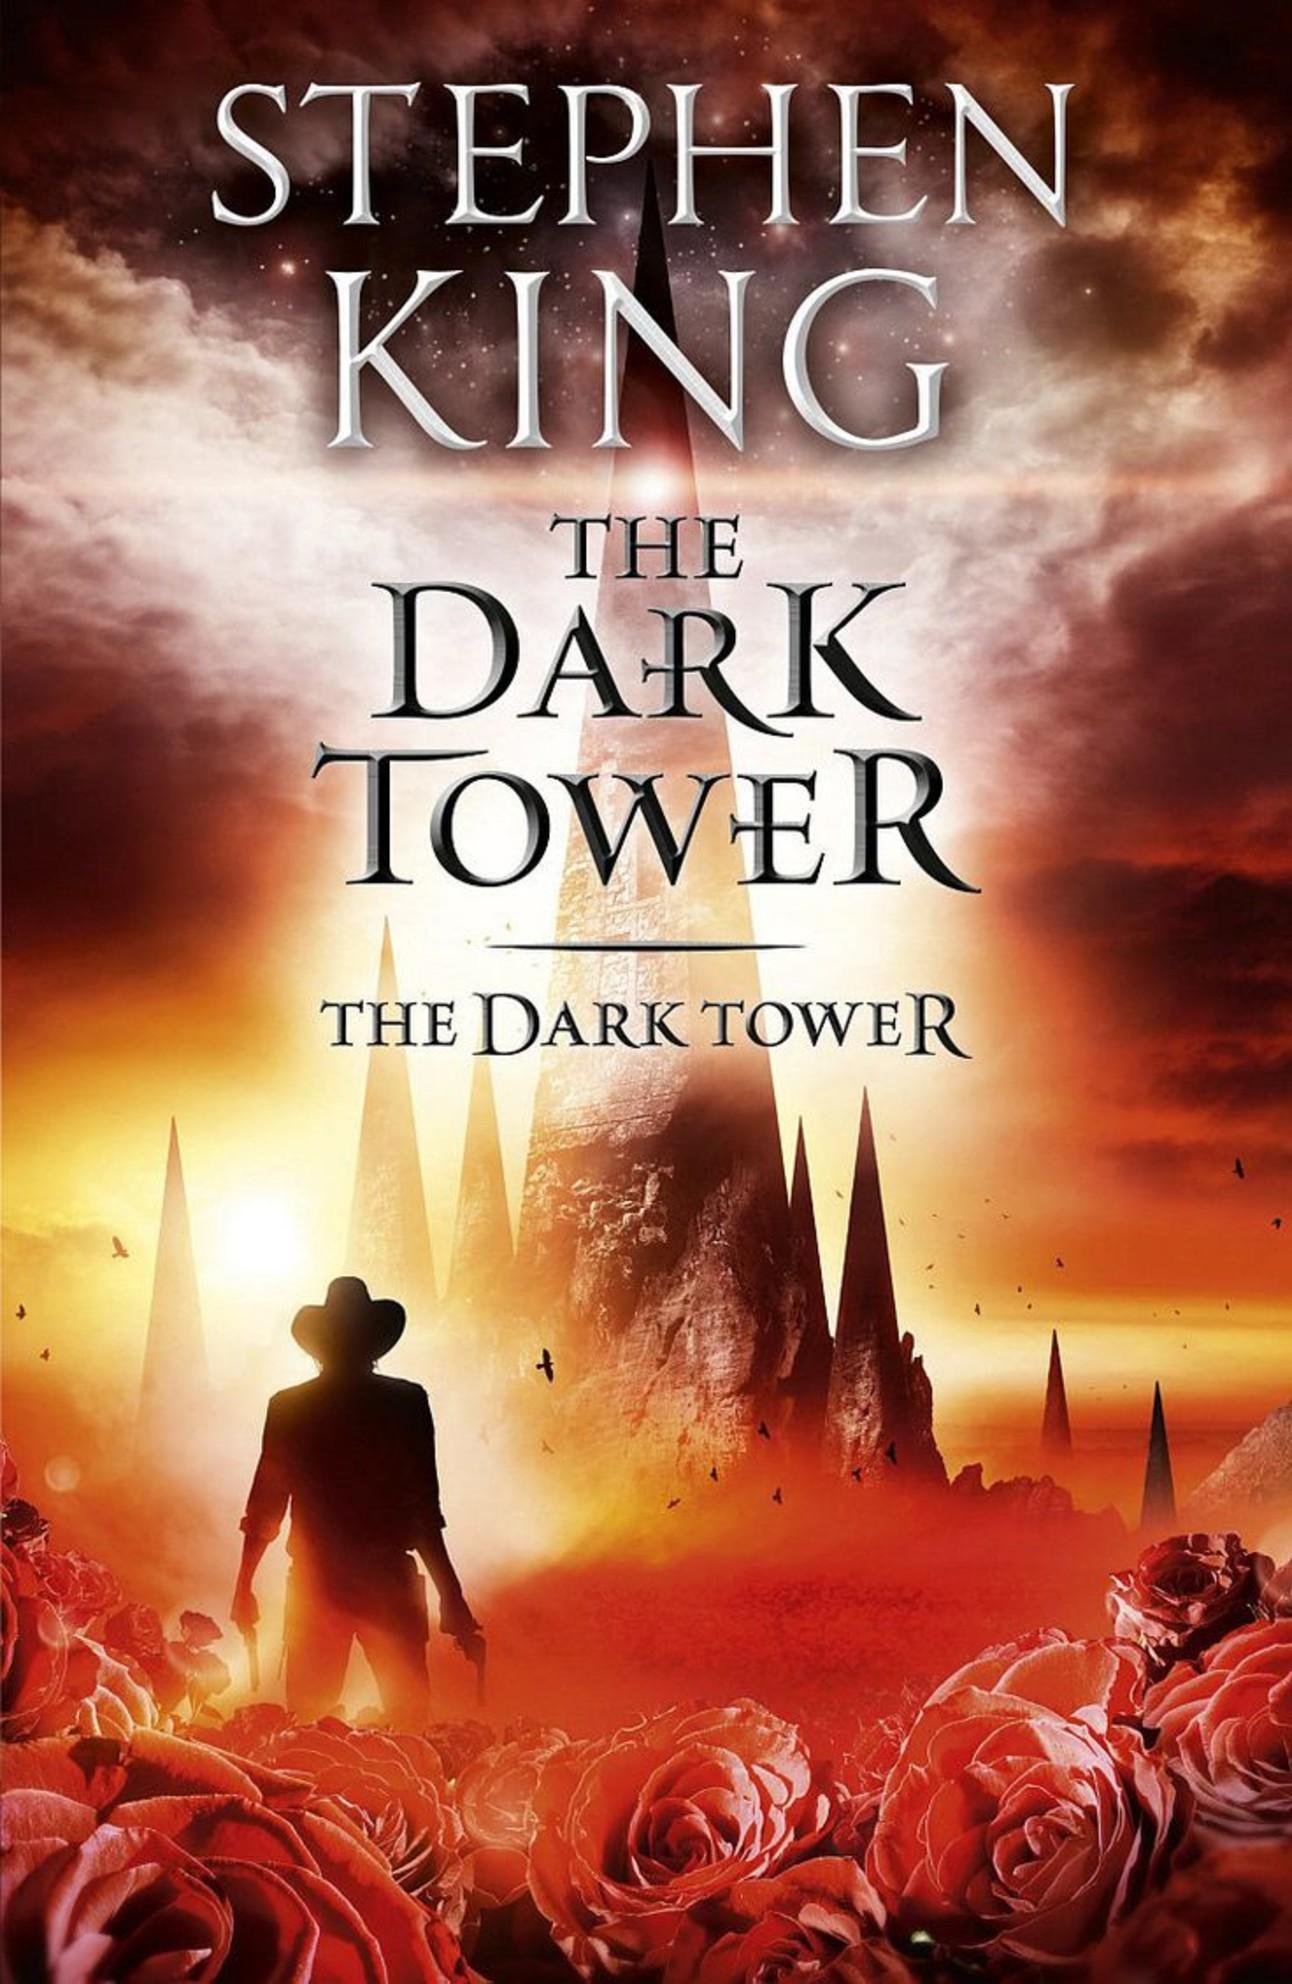 9ef4eb0523896266cbdf3a237a1c41ef-the-dark-tower-best-books.jpg